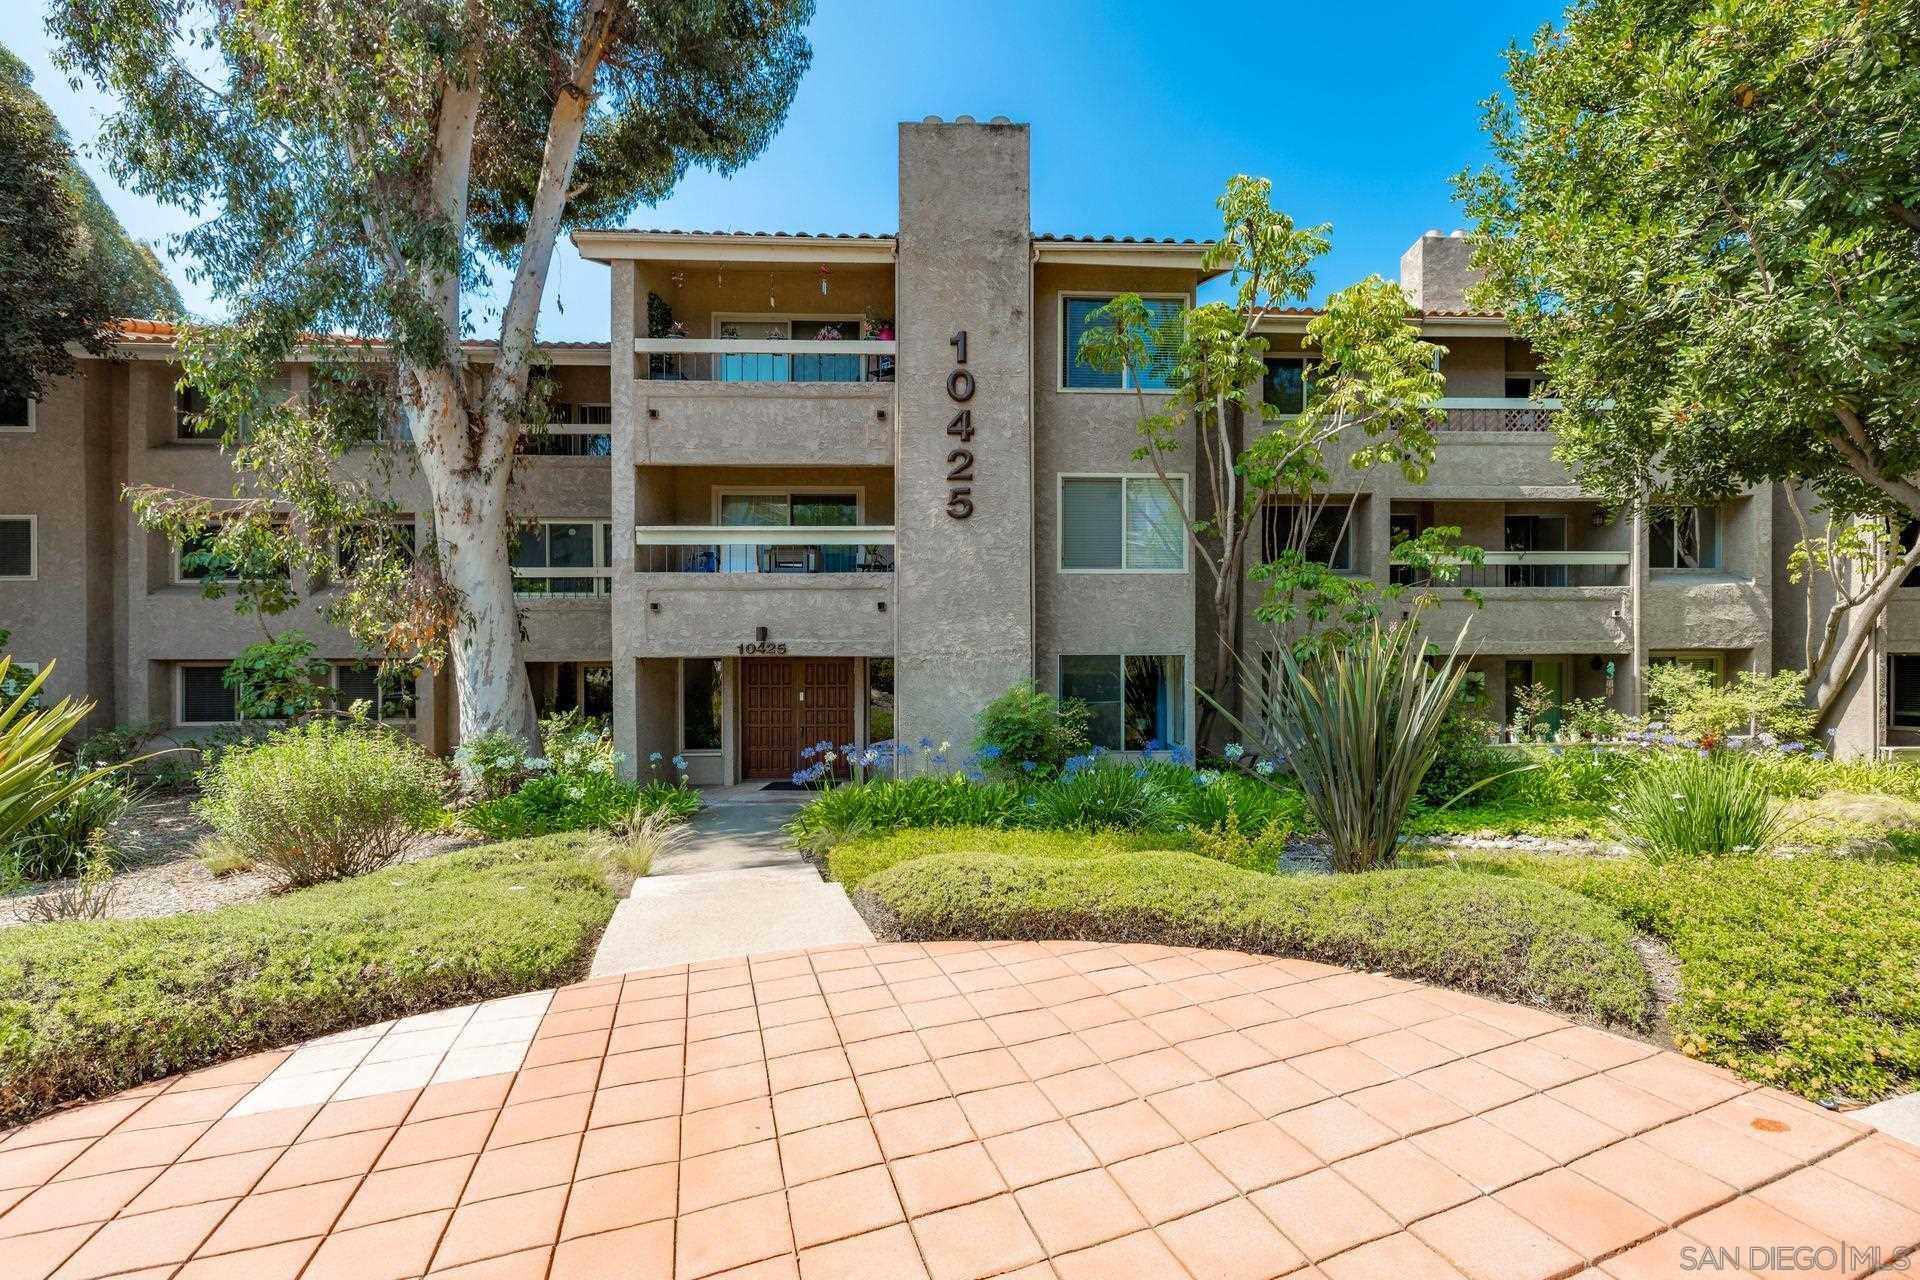 10425 Caminito Cuervo 224, San Diego, CA 92108